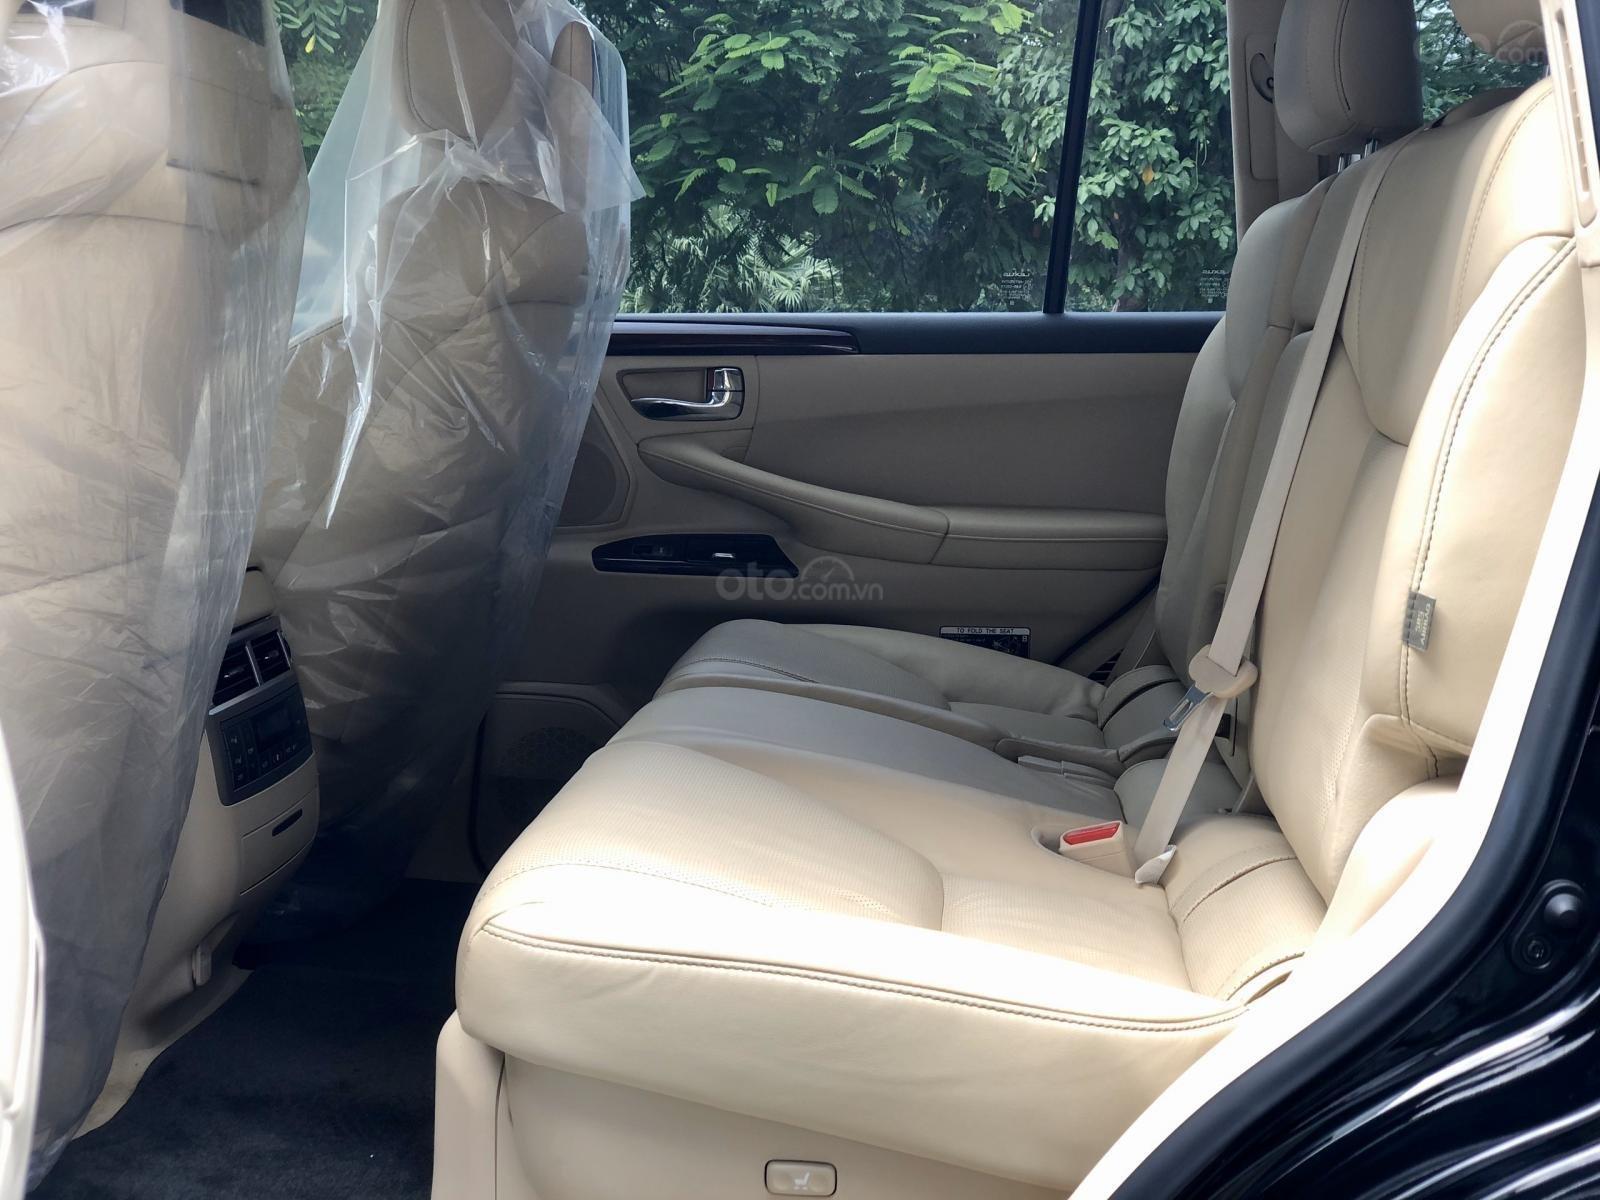 Bán ô tô Lexus LX 570 nhập Mỹ đời 2014, màu đen, xe nhập Mỹ, LH 093.996.2368 Ms Ngọc Vy (16)